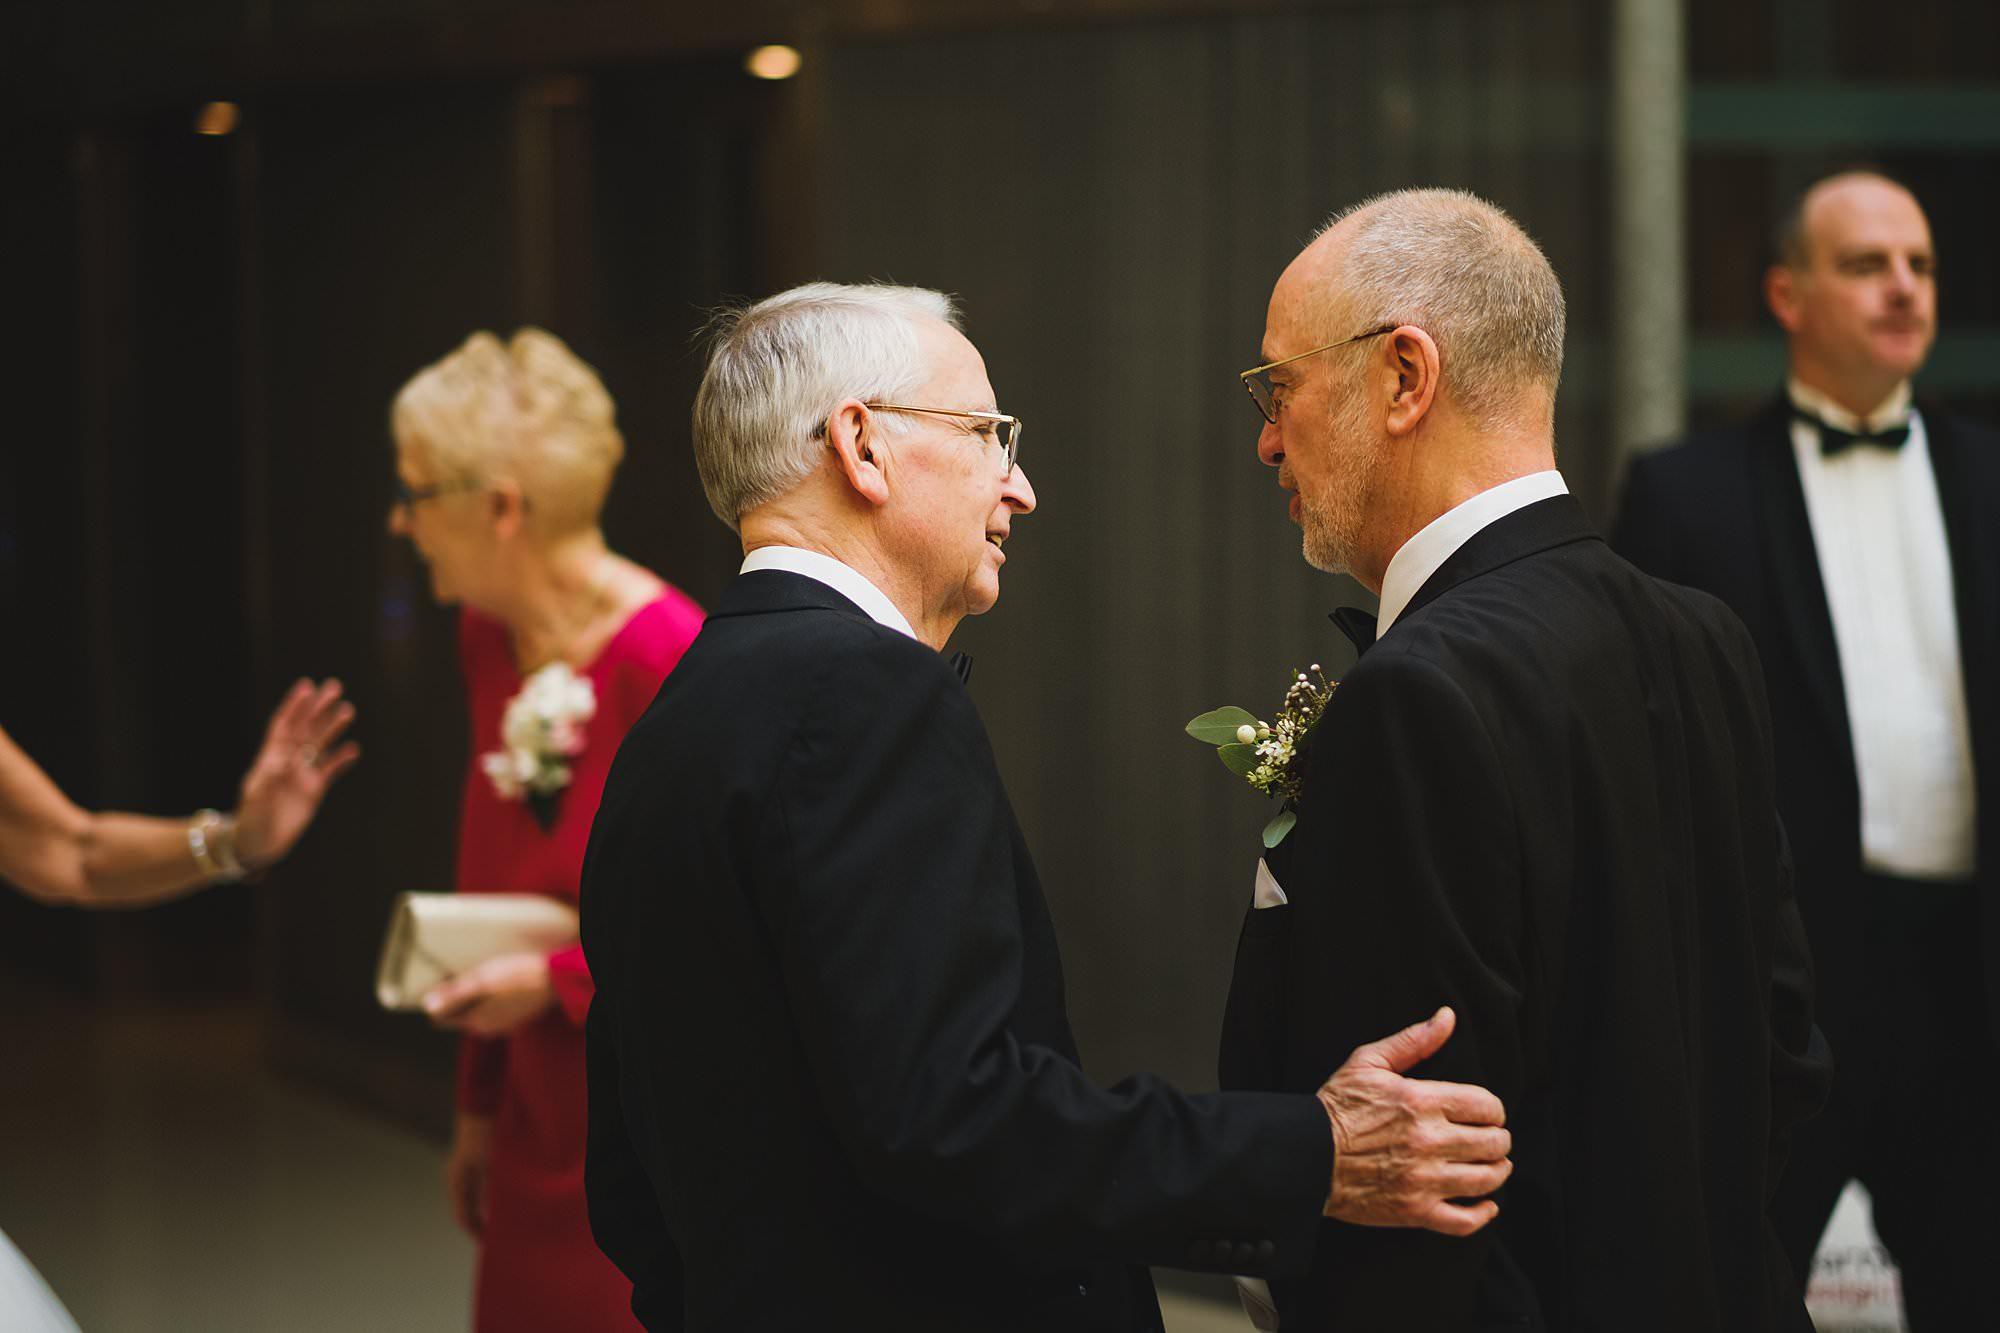 london andaz wedding photographer la 026 - Andaz Liverpool Street Wedding Photographer | Lauren & Alex